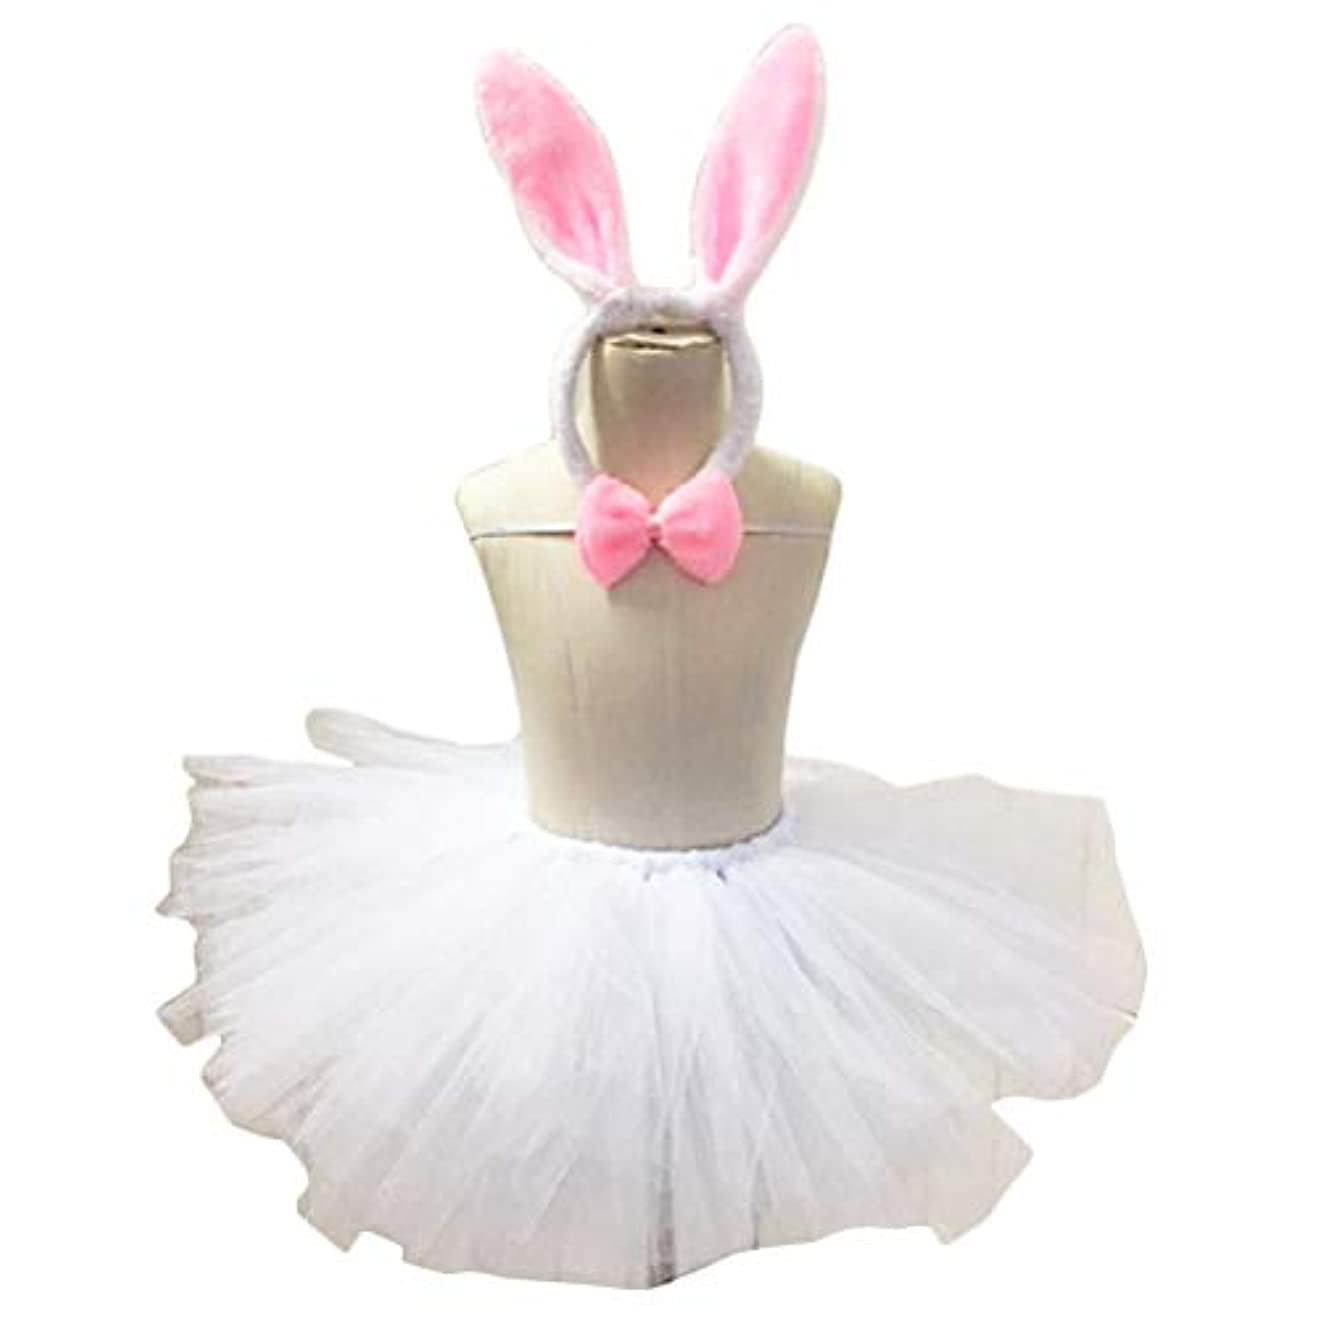 区解釈するマーキングBESTOYARD イースターの日衣装バブルスカートウサギの耳カチューシャ蝶ネクタイ服セットバニーガーゼプリンセスドレスパーティー衣装スーツ用キッズ子供